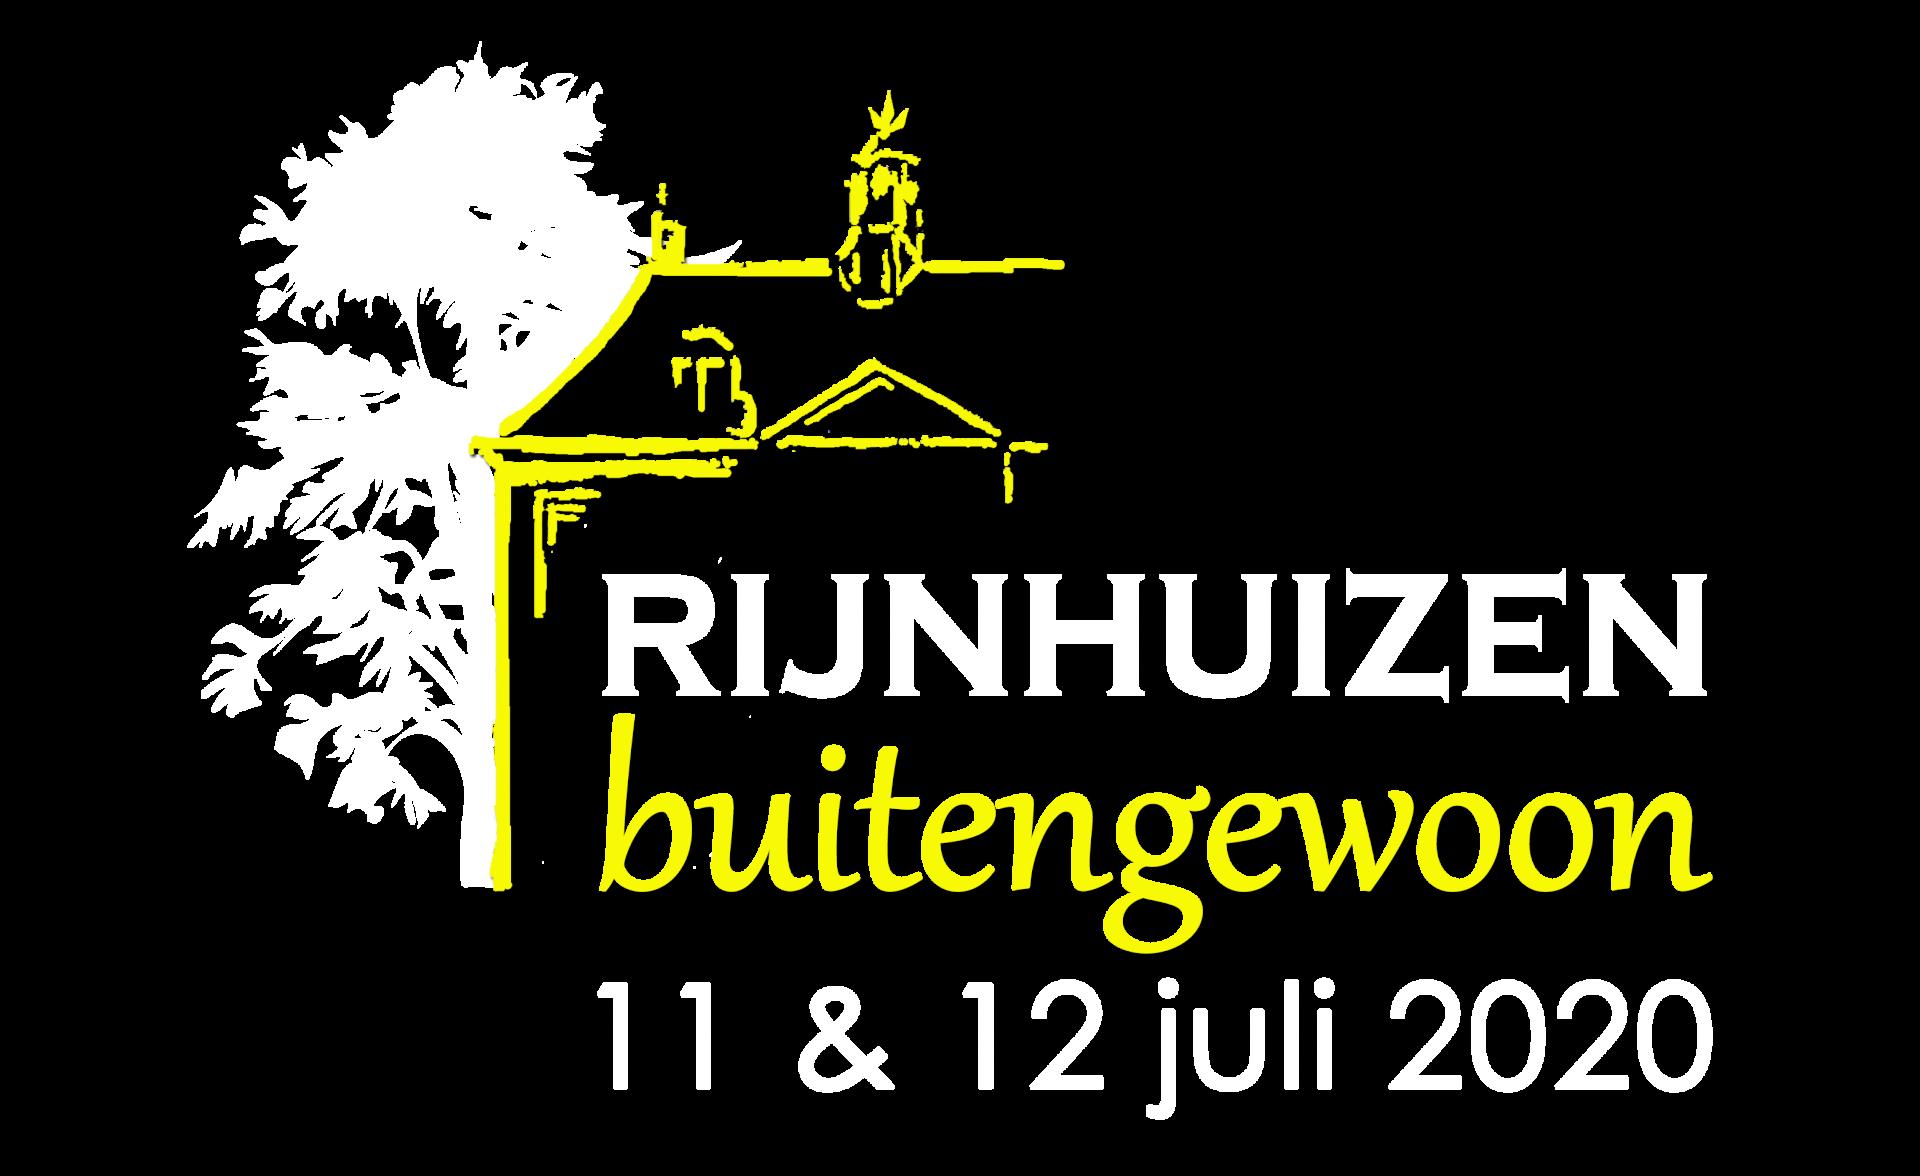 Rijnhuizen Buitengewoon